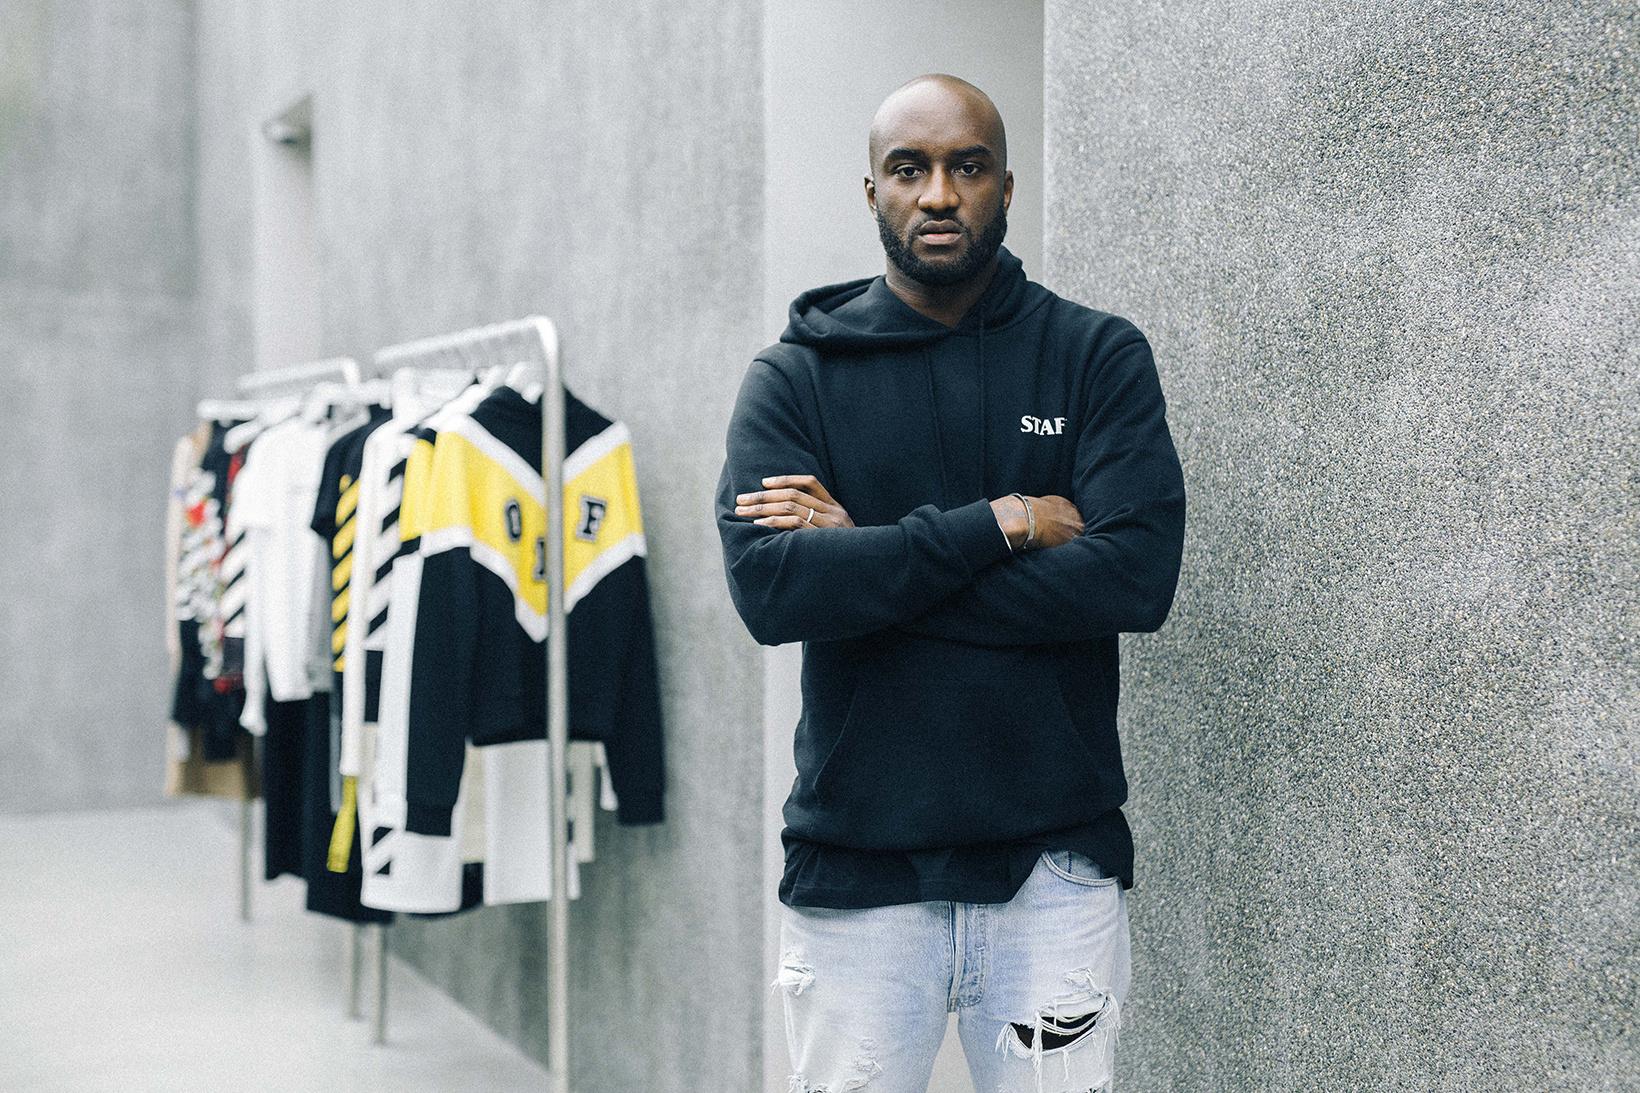 Louis Vuitton lần đầu tiên chiêu mộ một nhà thiết kế da màu